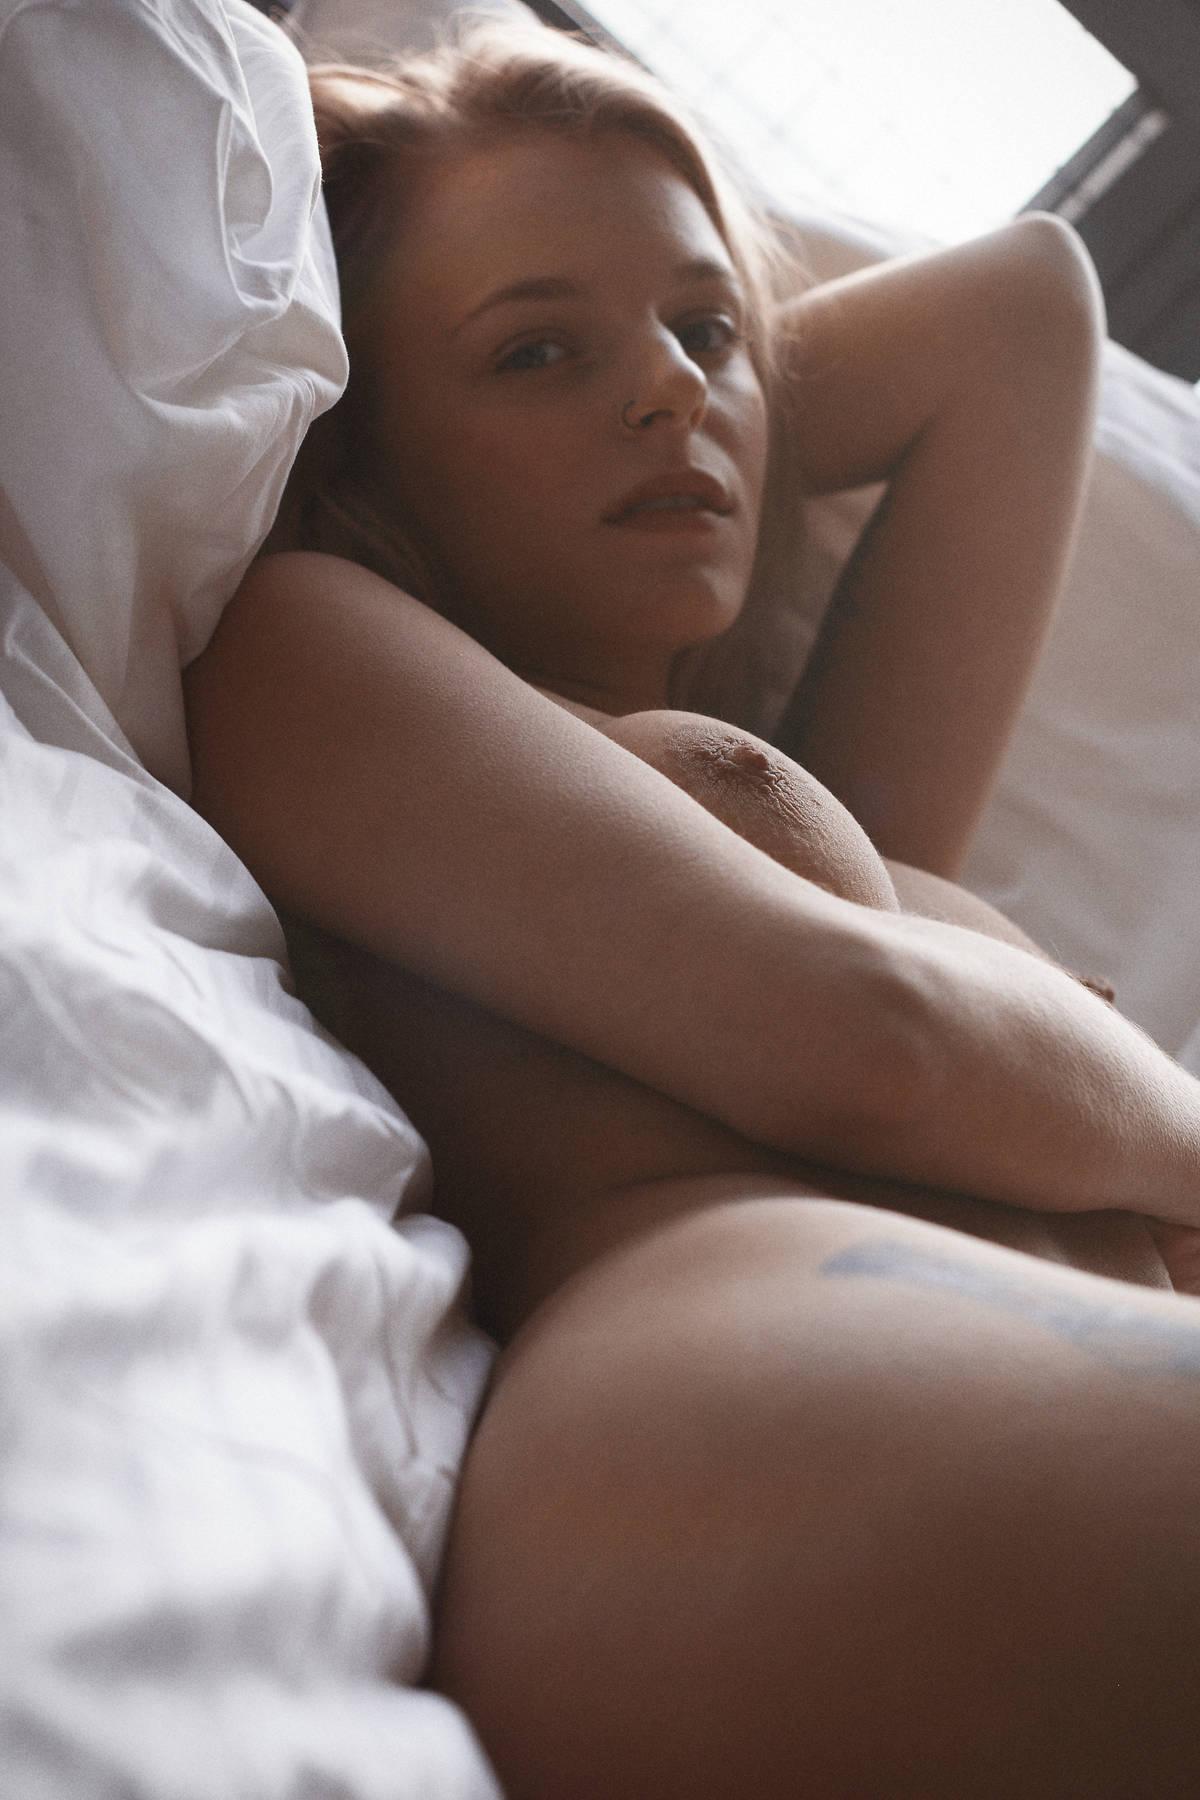 Theme, magazine nude photography amusing